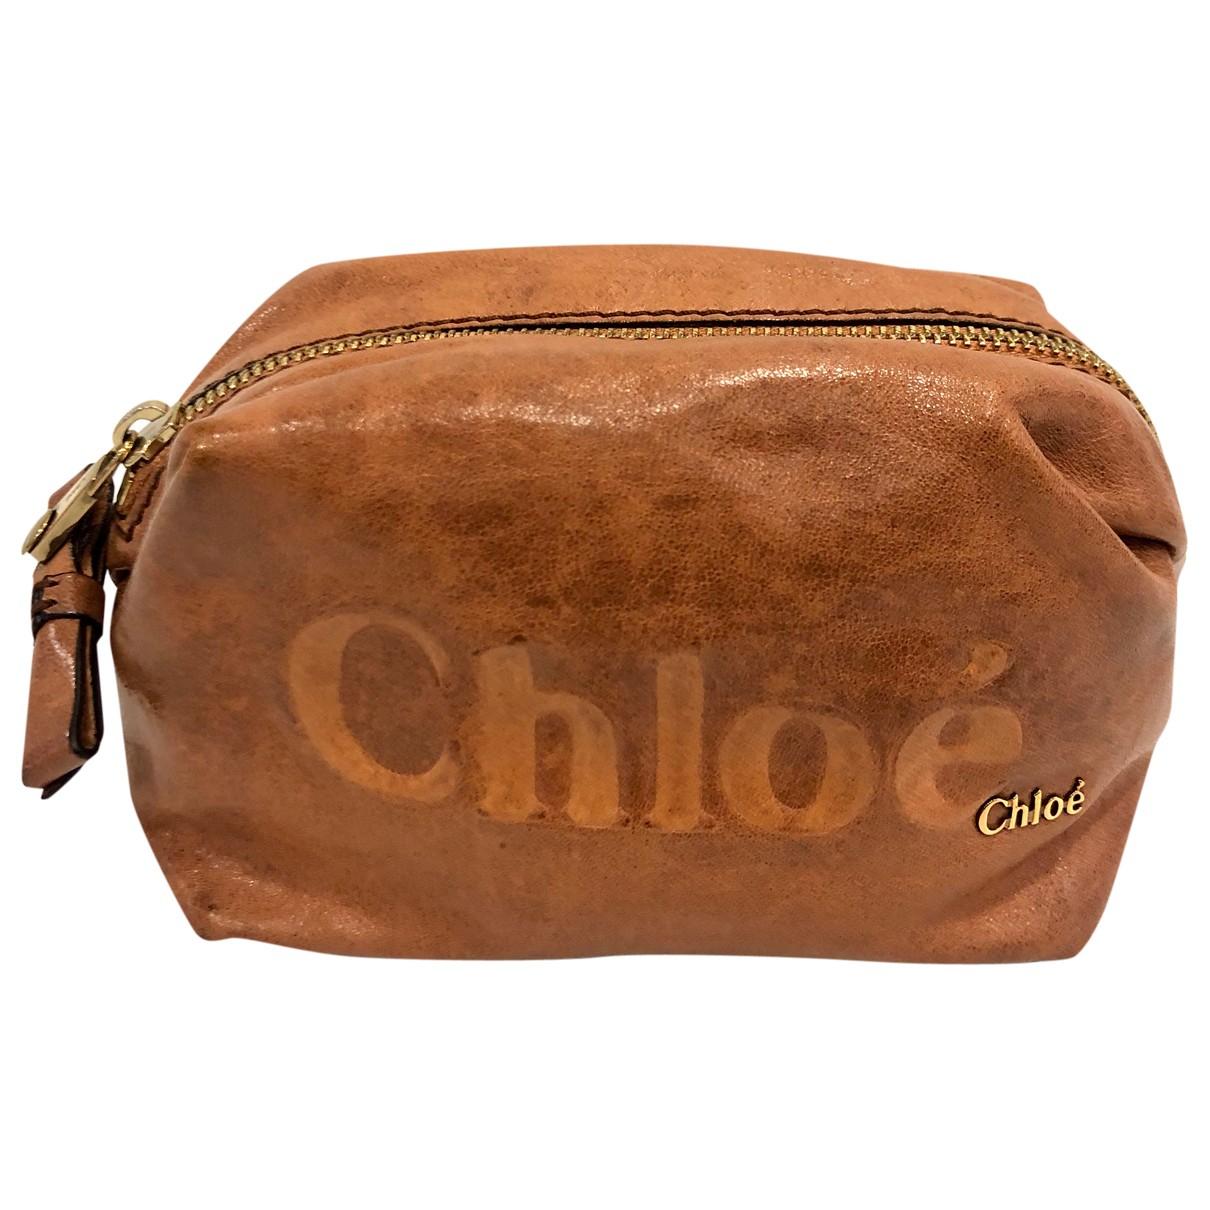 Chloe - Sac de voyage   pour femme en cuir - marron